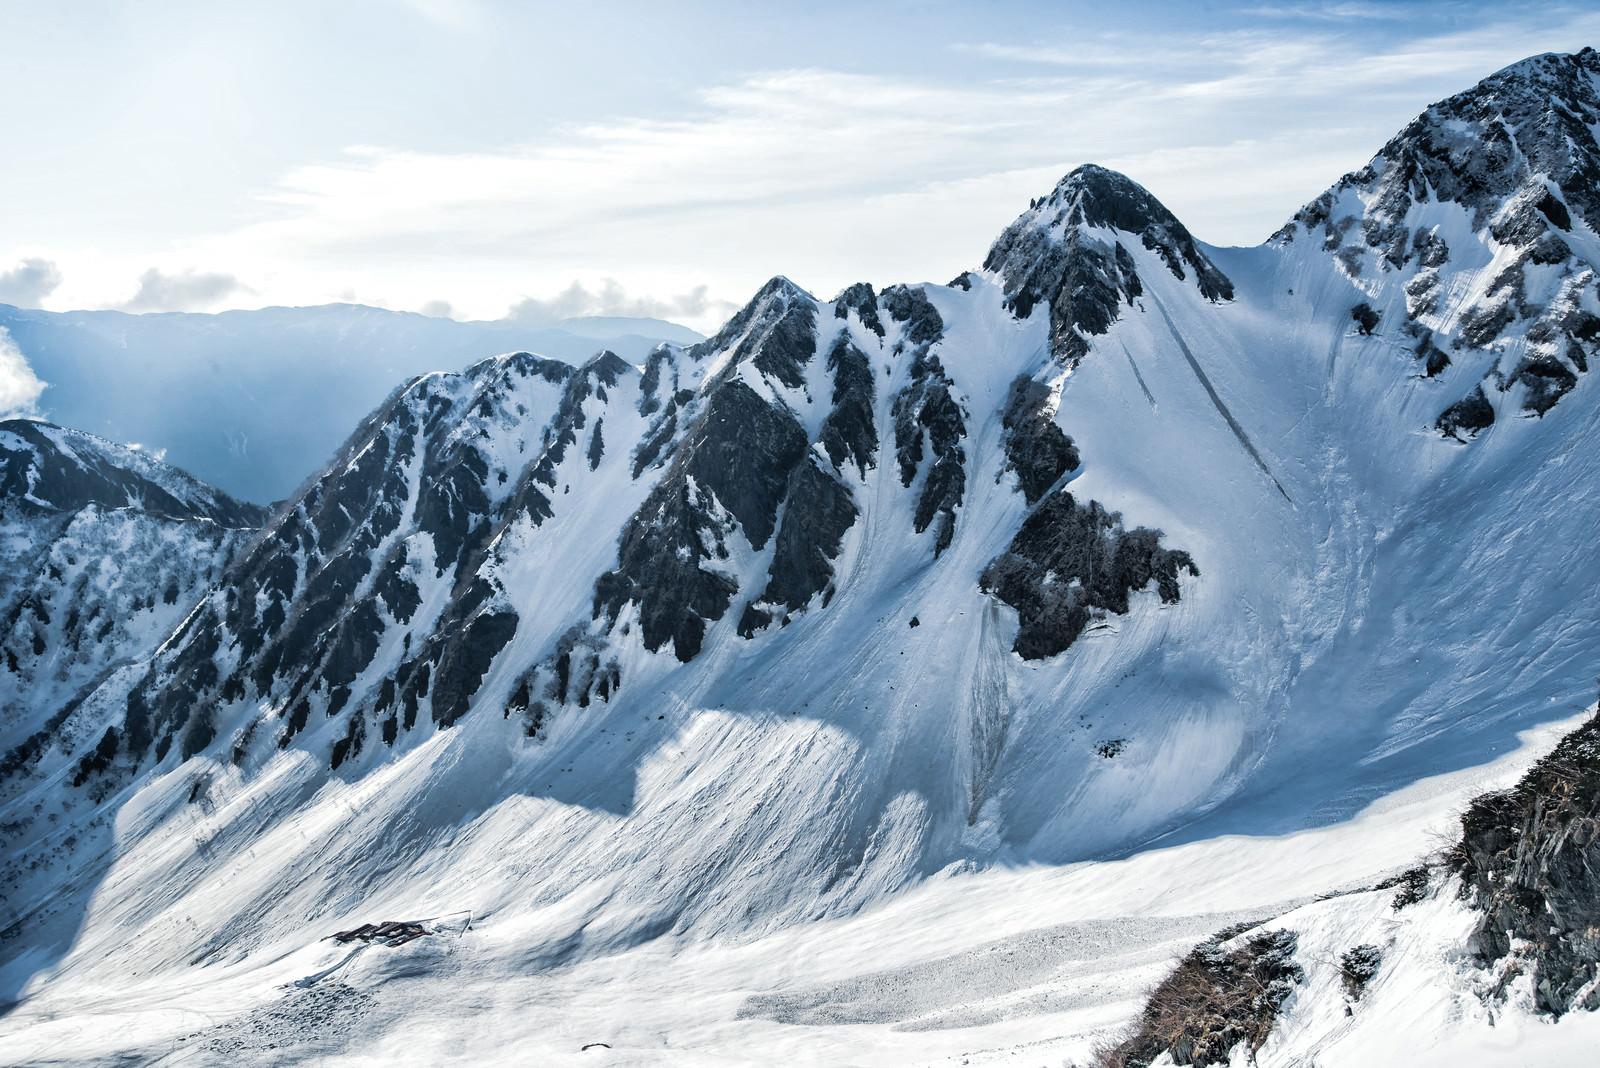 「雪で覆われた涸沢ヒュッテと前穂高岳北尾根(北アルプス)」の写真